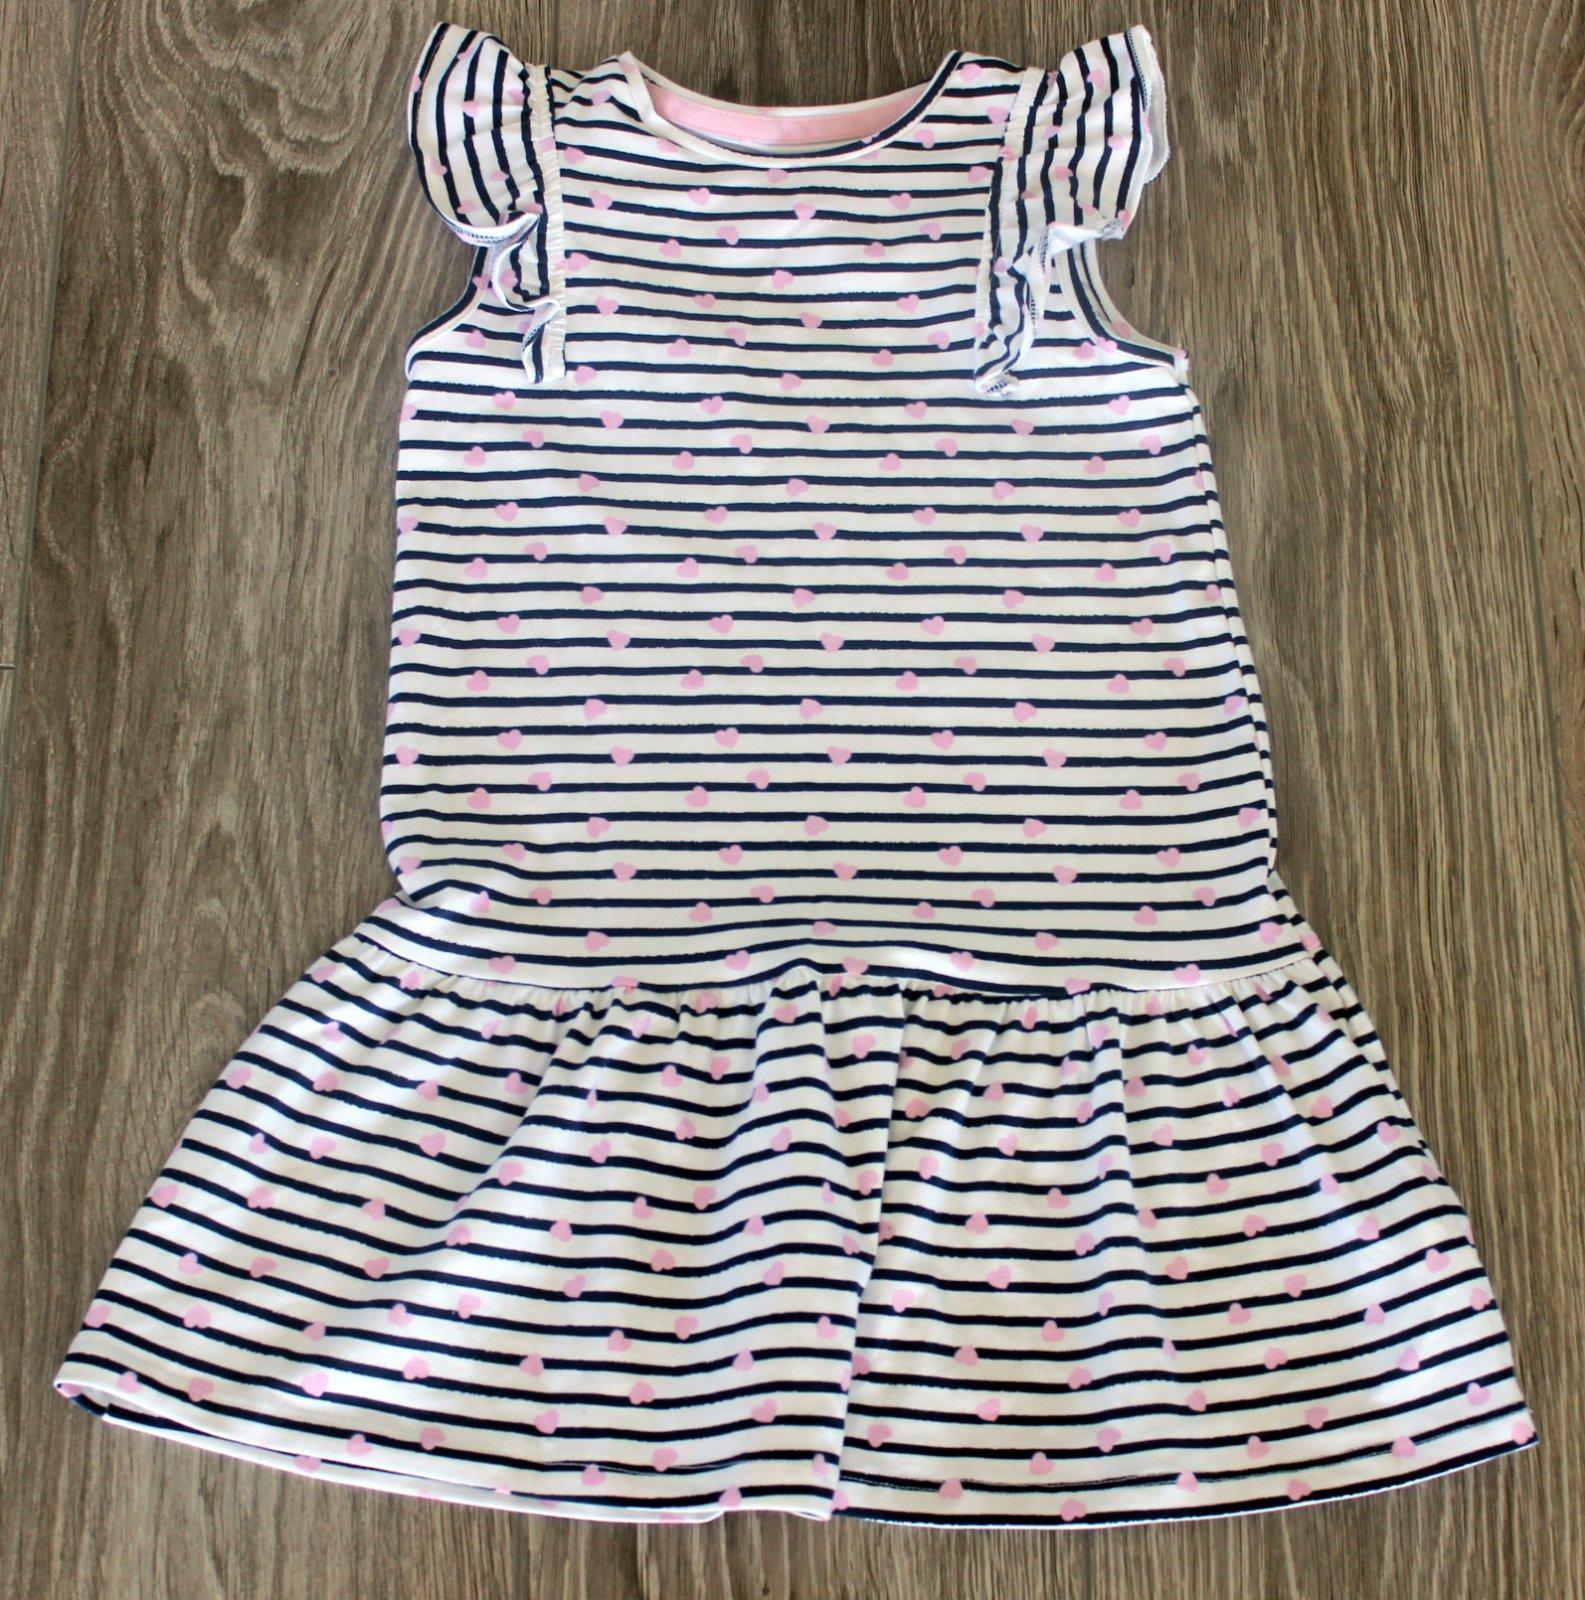 Dievčenské šaty 116 - Obrázok č. 1